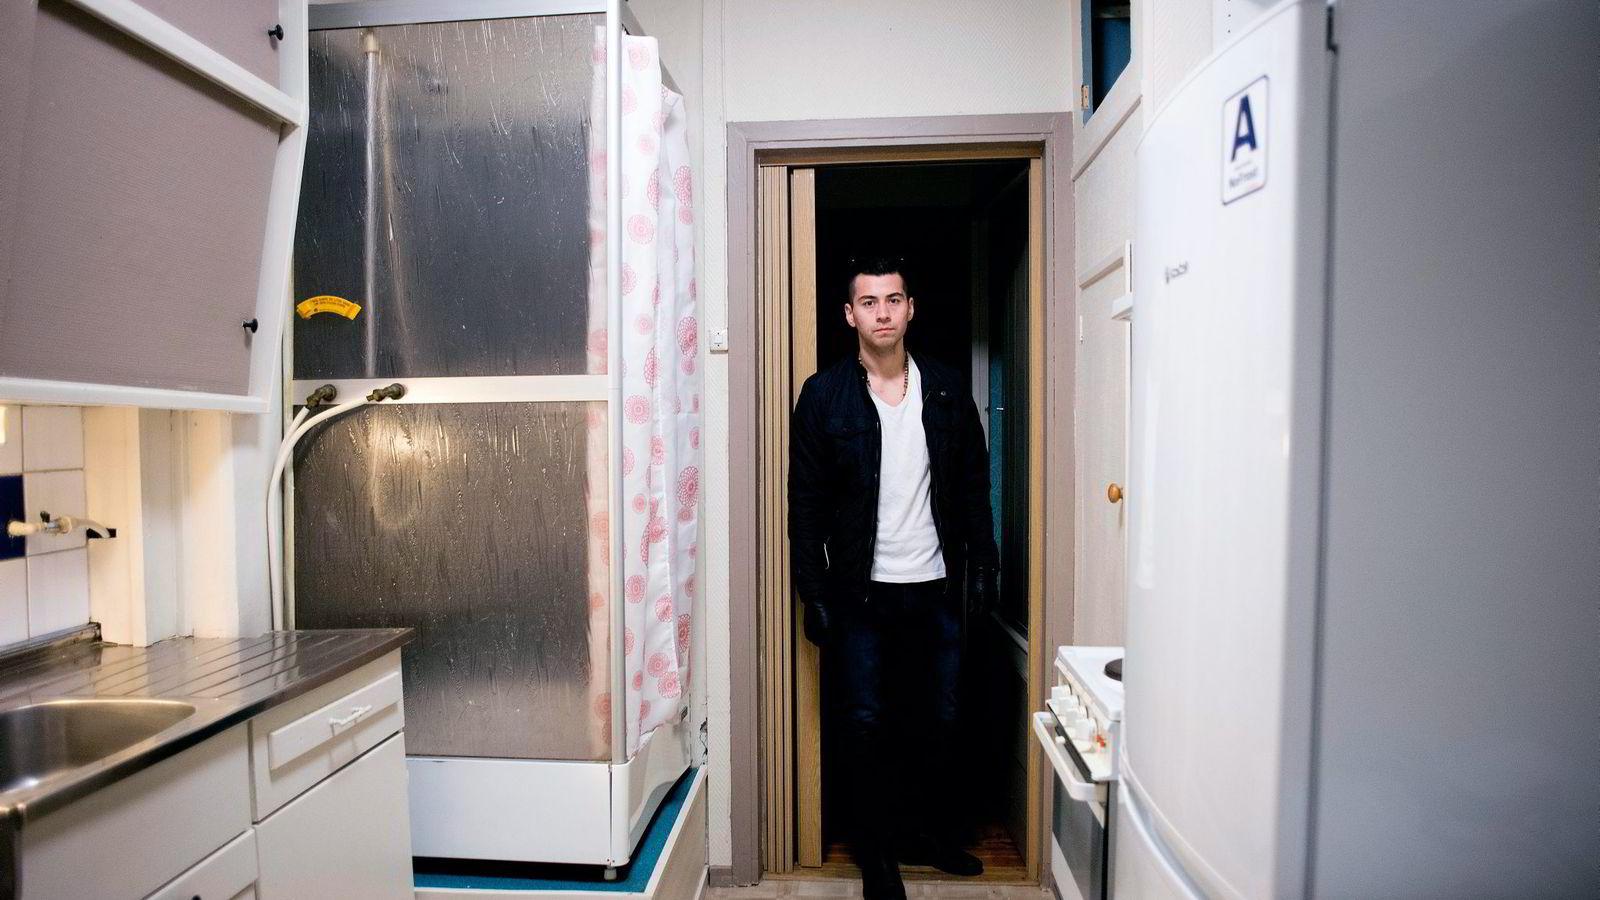 Ivan Rodriguez (25) overtok sin nykjøpte leilighet ved St. Hanshaugen i Oslo tirsdag ettermiddag. Den gikk langt over prisantydning, men med mor som kausjonist vant han budrunden til slutt. Nå gleder han seg til å gå i gang med oppussing av kjøkkenet.